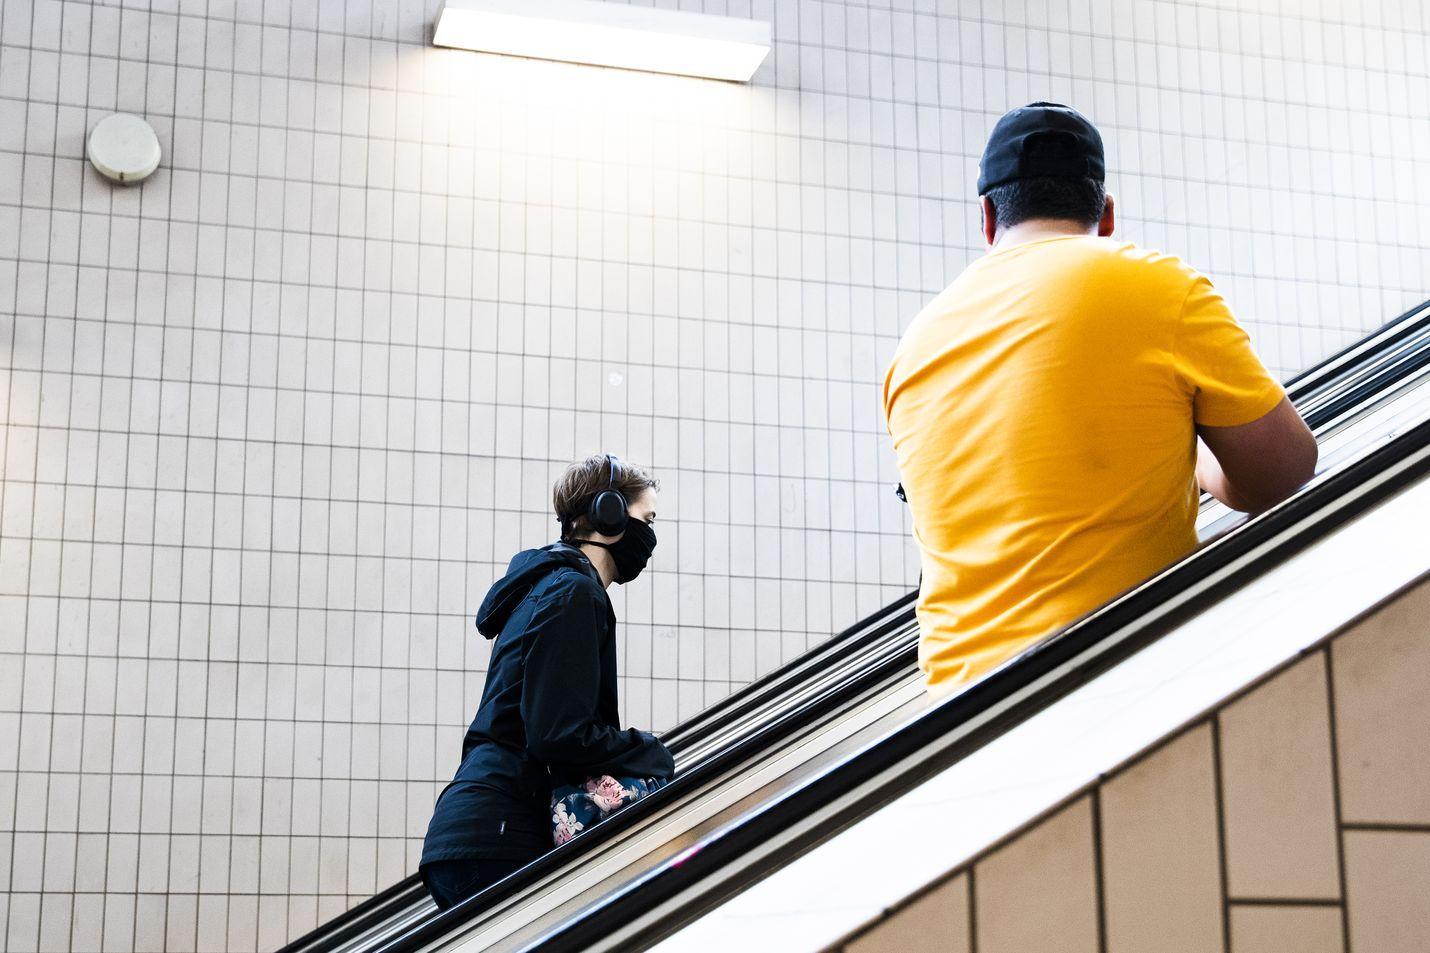 THL:n uusien maskisuositusten mukaan maskia tulisi käyttää kiihtymisvaiheessa hyvin suuressa osassa julkisia tiloja.